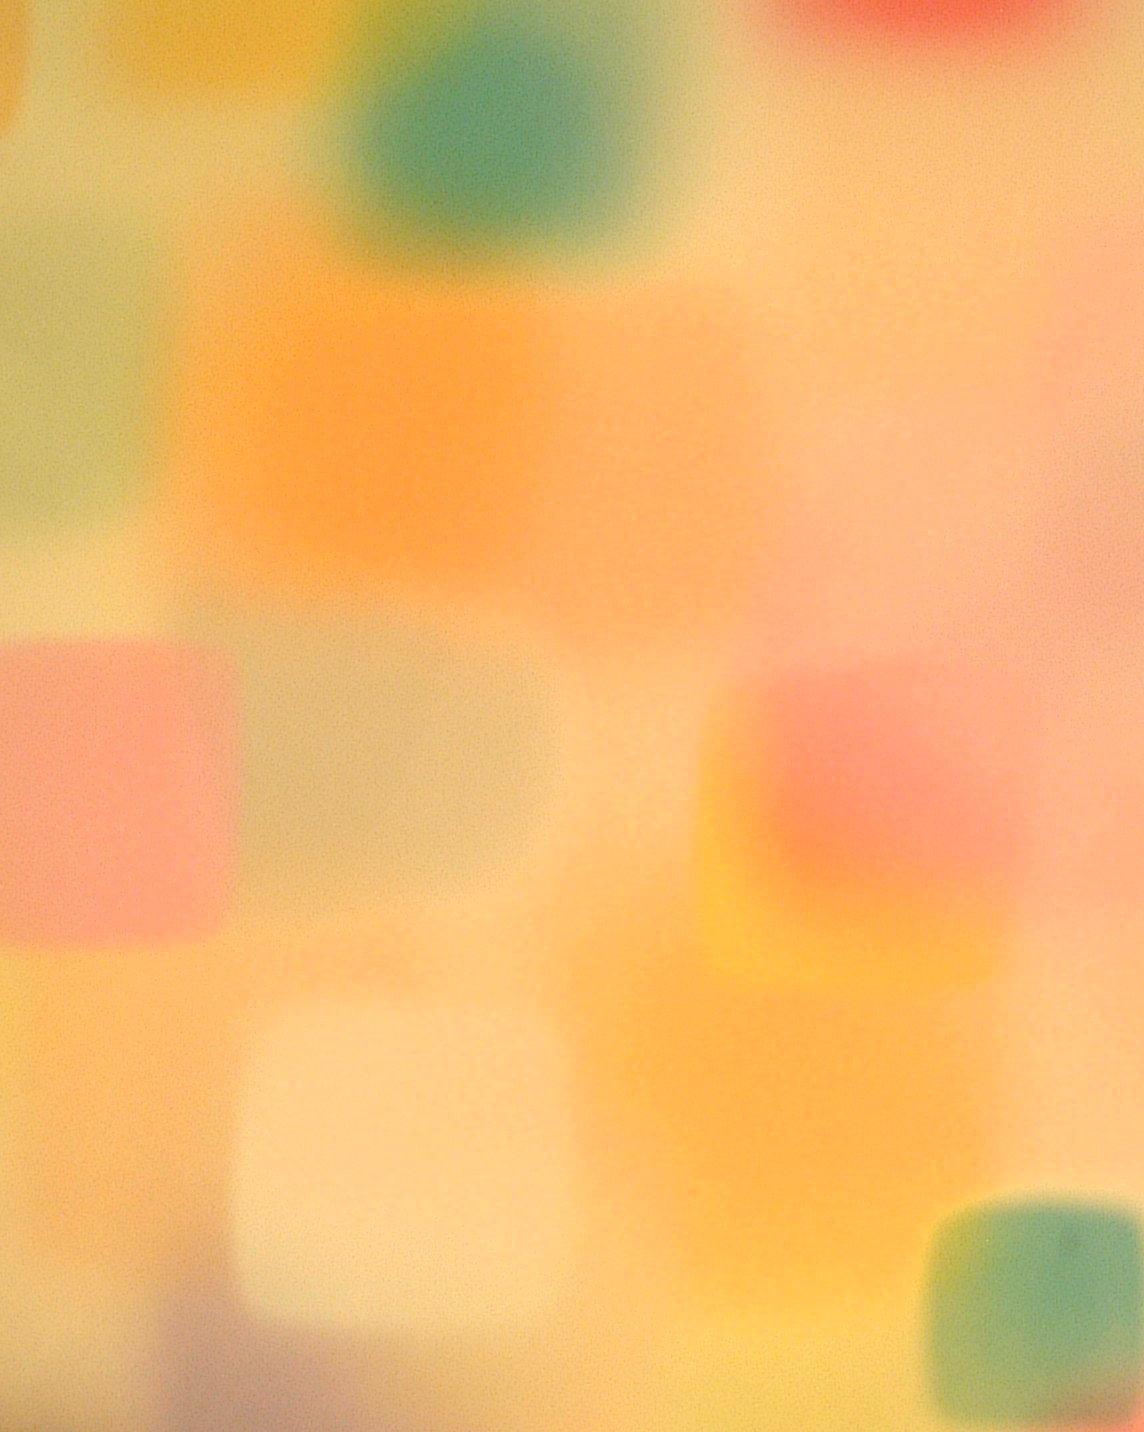 b0155415_27274.jpg